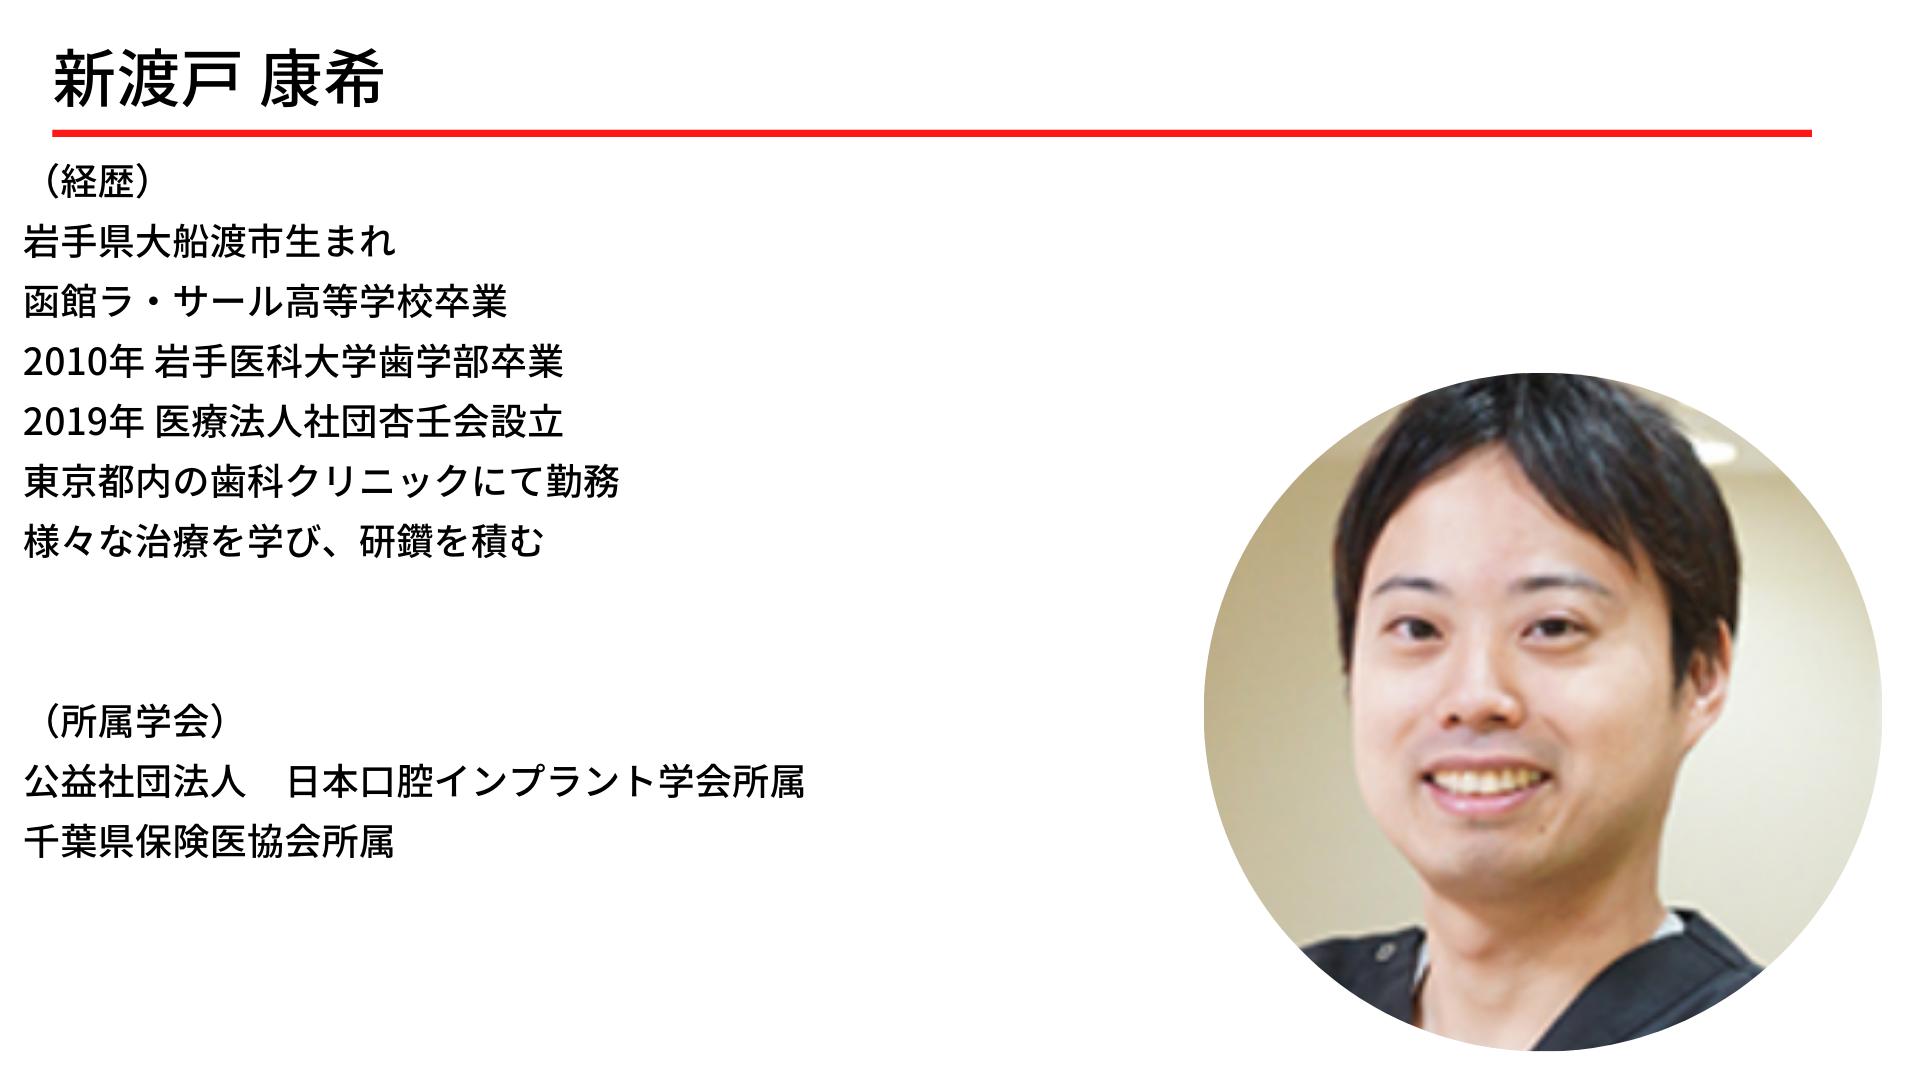 歯科 セミナー 新渡戸先生